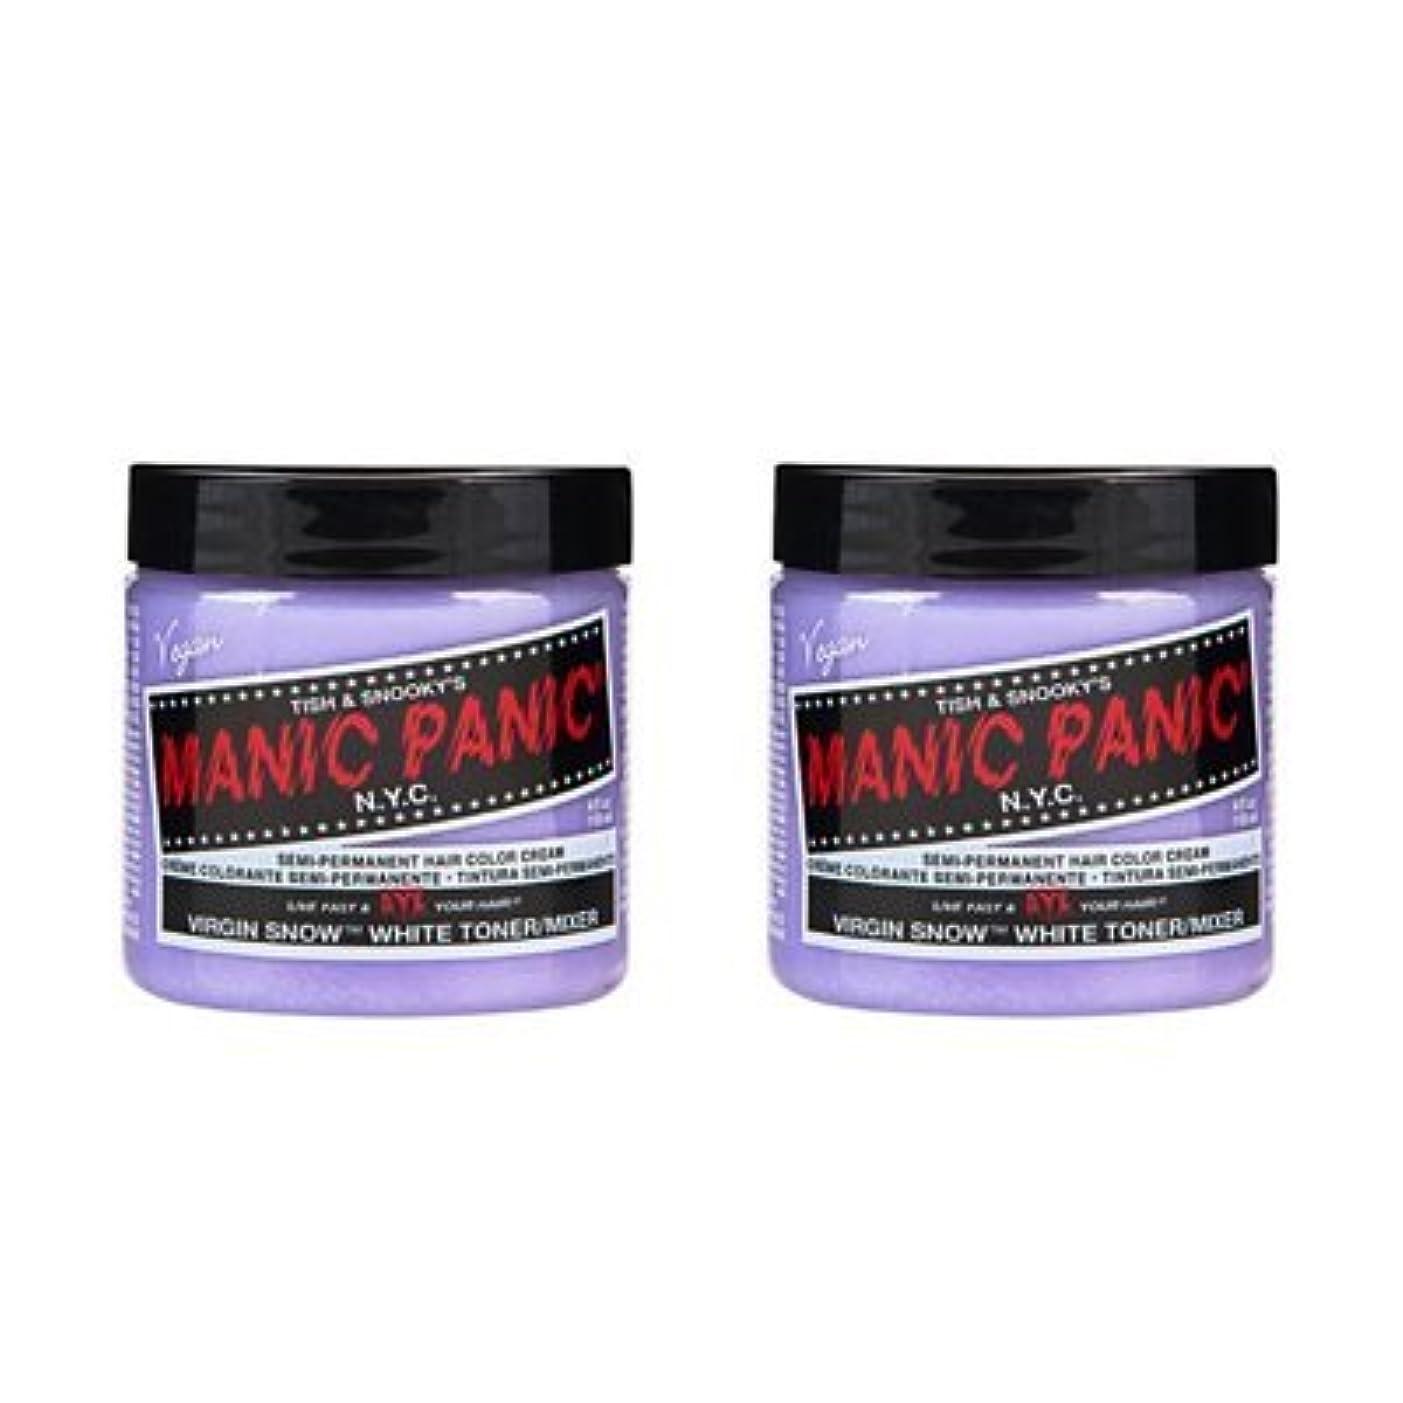 頼る年大【2個セット】MANIC PANIC マニックパニック Virgin Snow (ヴァージン?スノー) 118ml